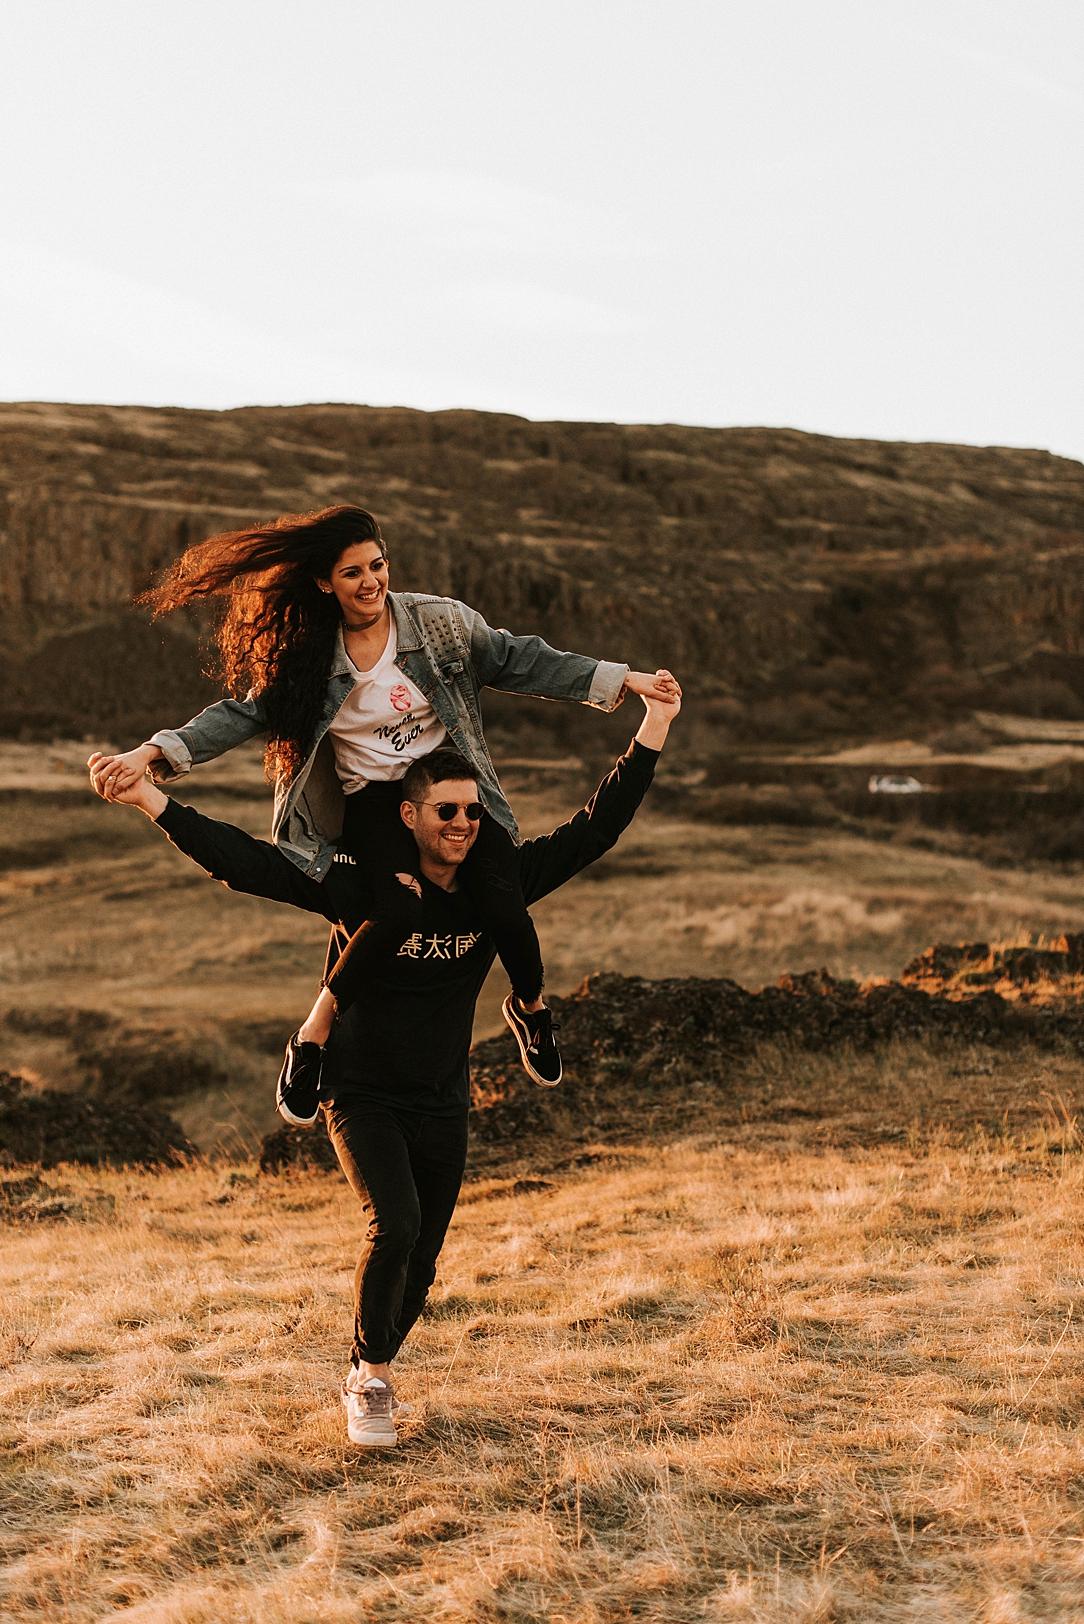 nbp-edgy-skater-couple_0039.jpg